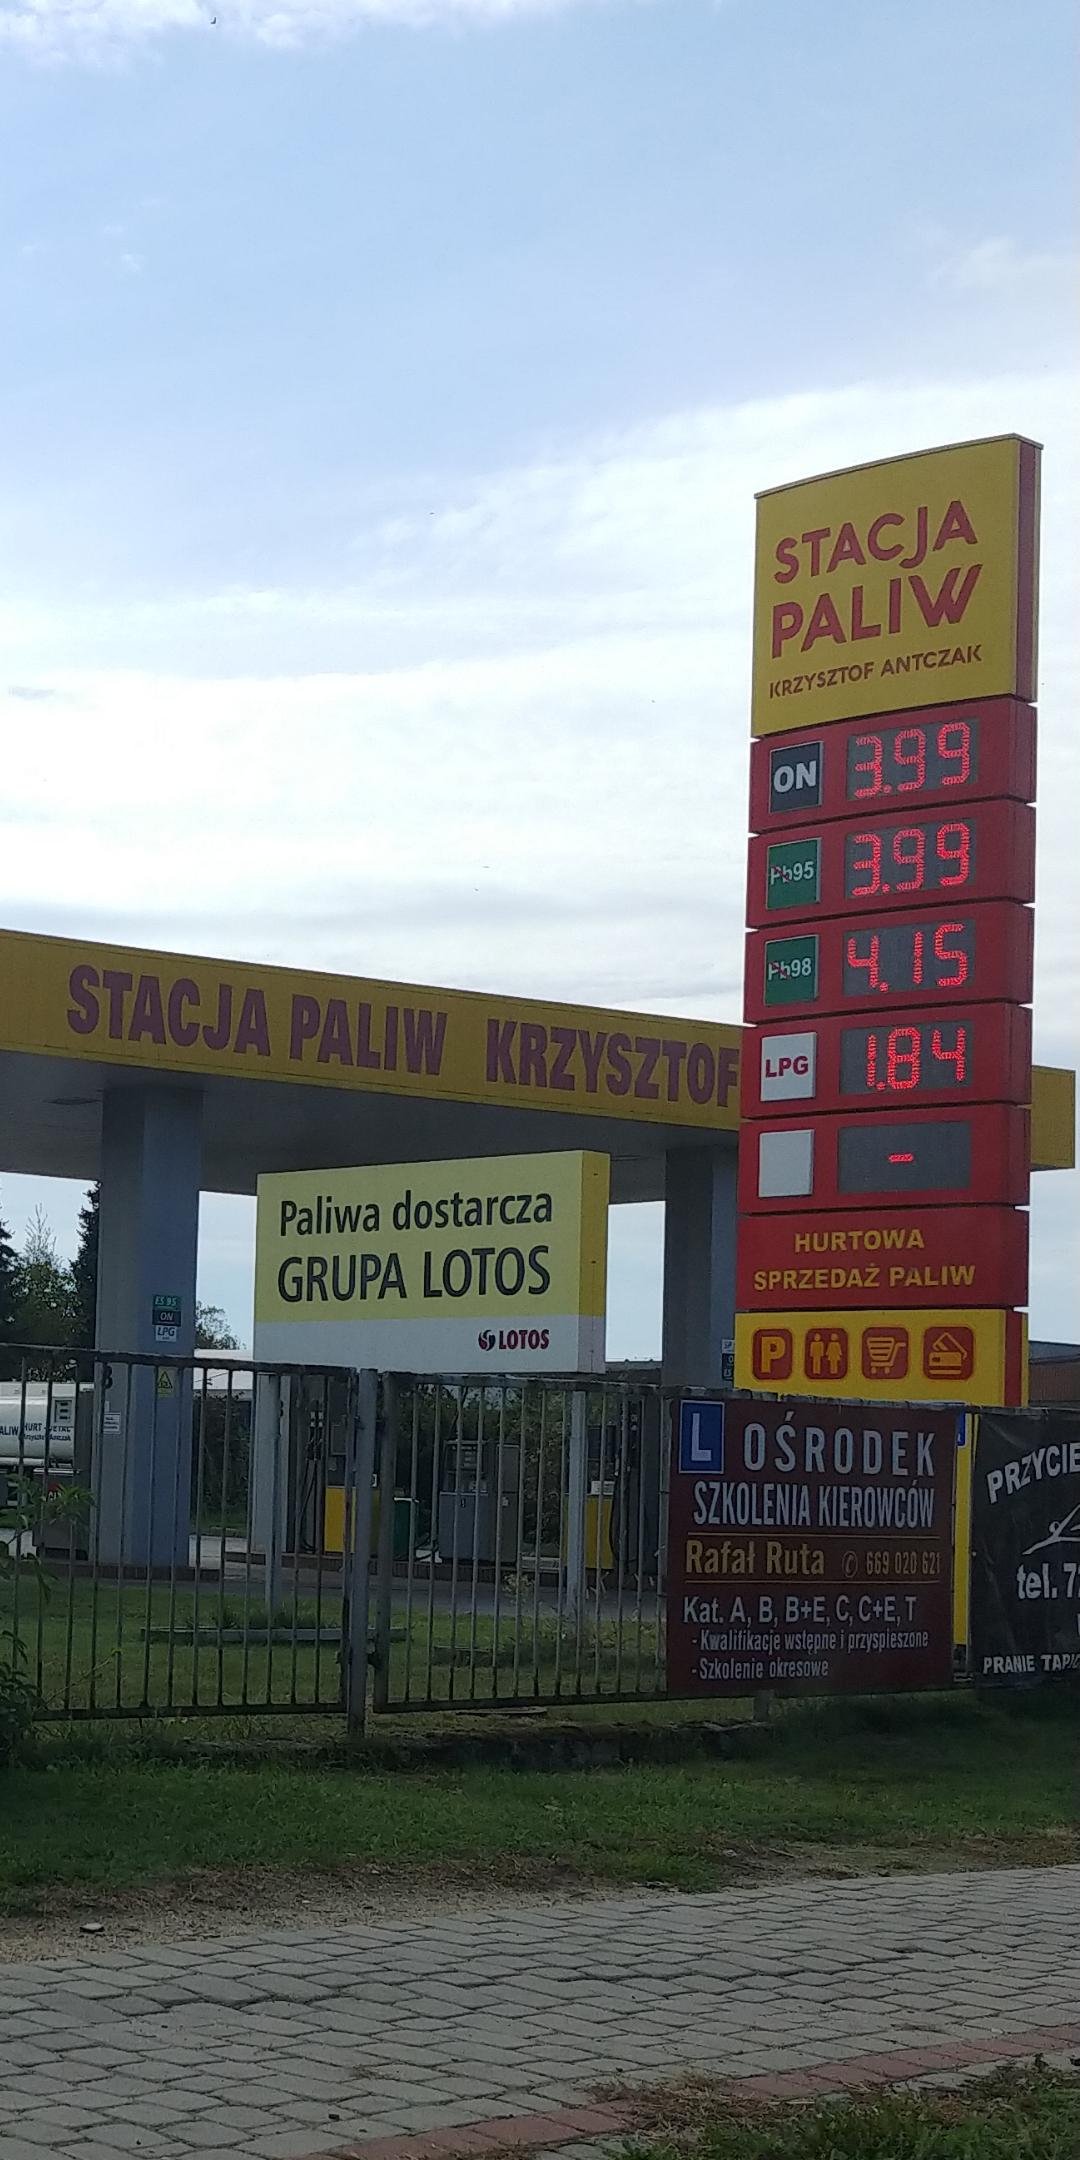 Tanie tankowanie 3.99l ON oraz PB95, LPG 1,84 zł